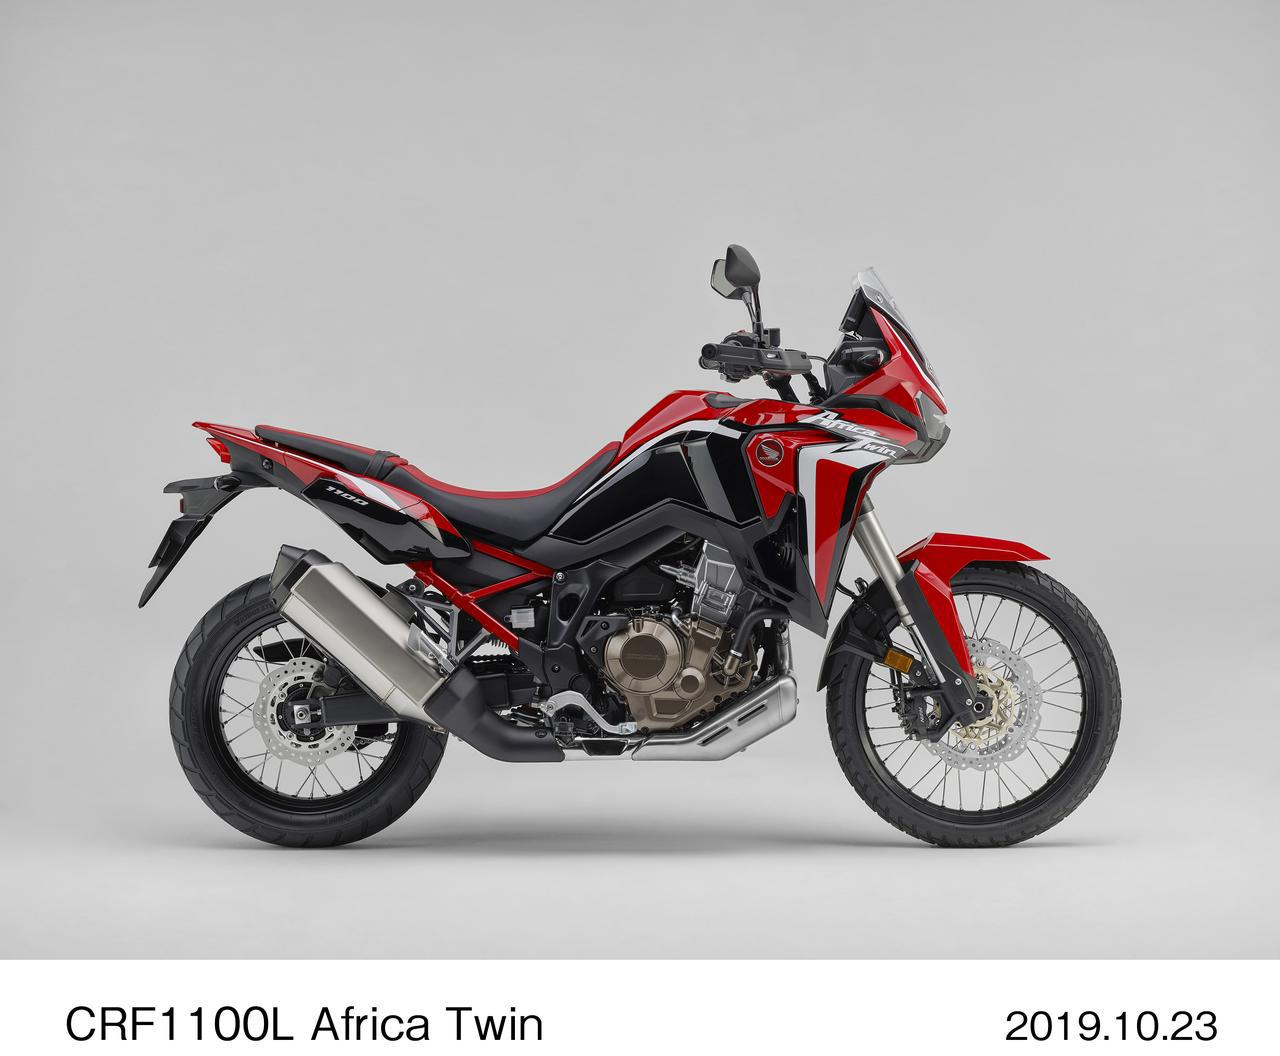 画像1: ホンダ「CRF1100L Africa Twin」が2月14日(金)発売! 新型アフリカツイン・全シリーズの価格と発売日のまとめ